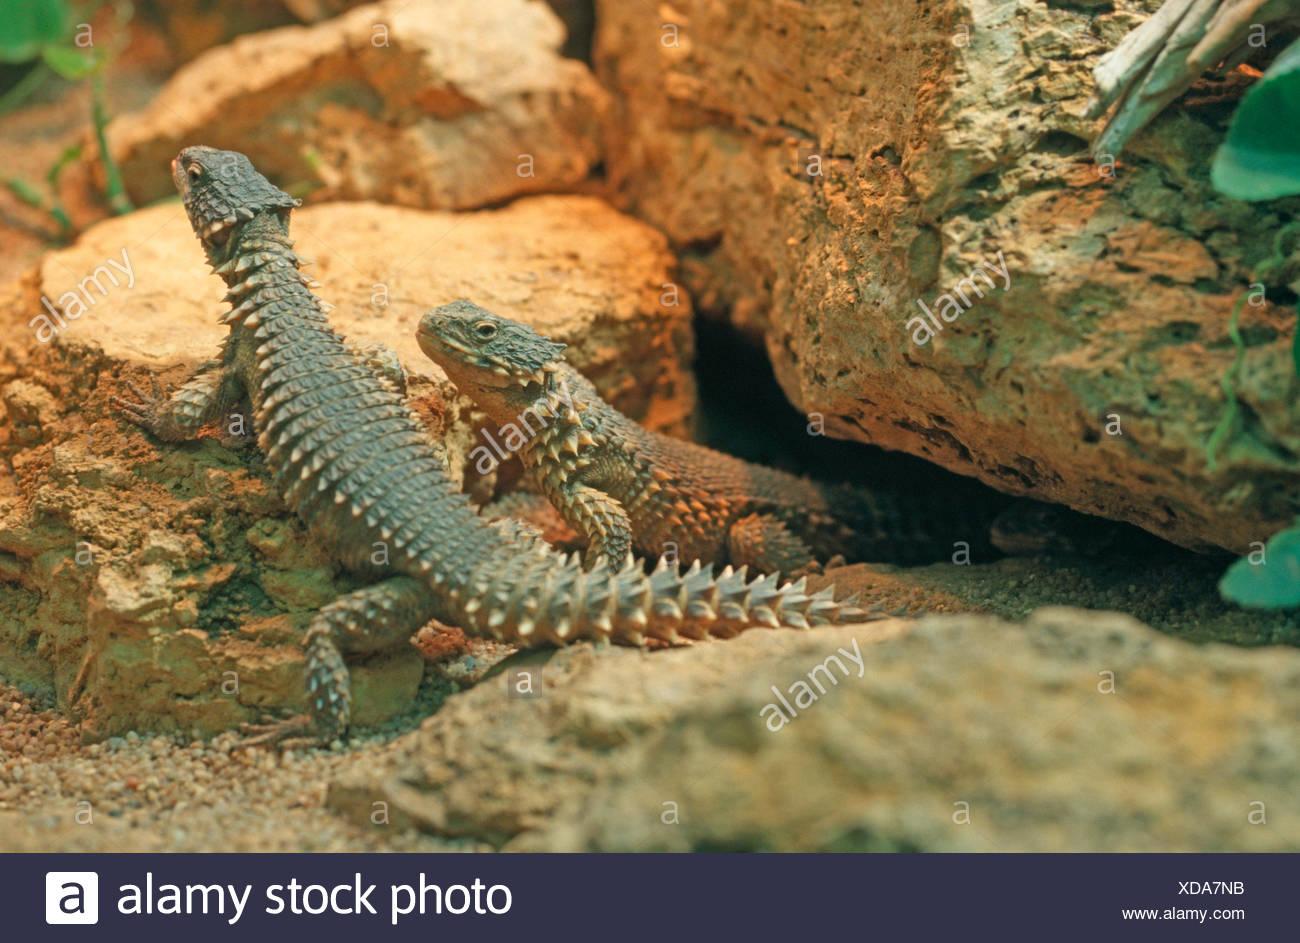 Sungazer, rodeado gigante lagarto gigante, gigante lagarto spinytail zonure (Cordylus giganteus), dos reptiles sentados juntos entre piedras Imagen De Stock